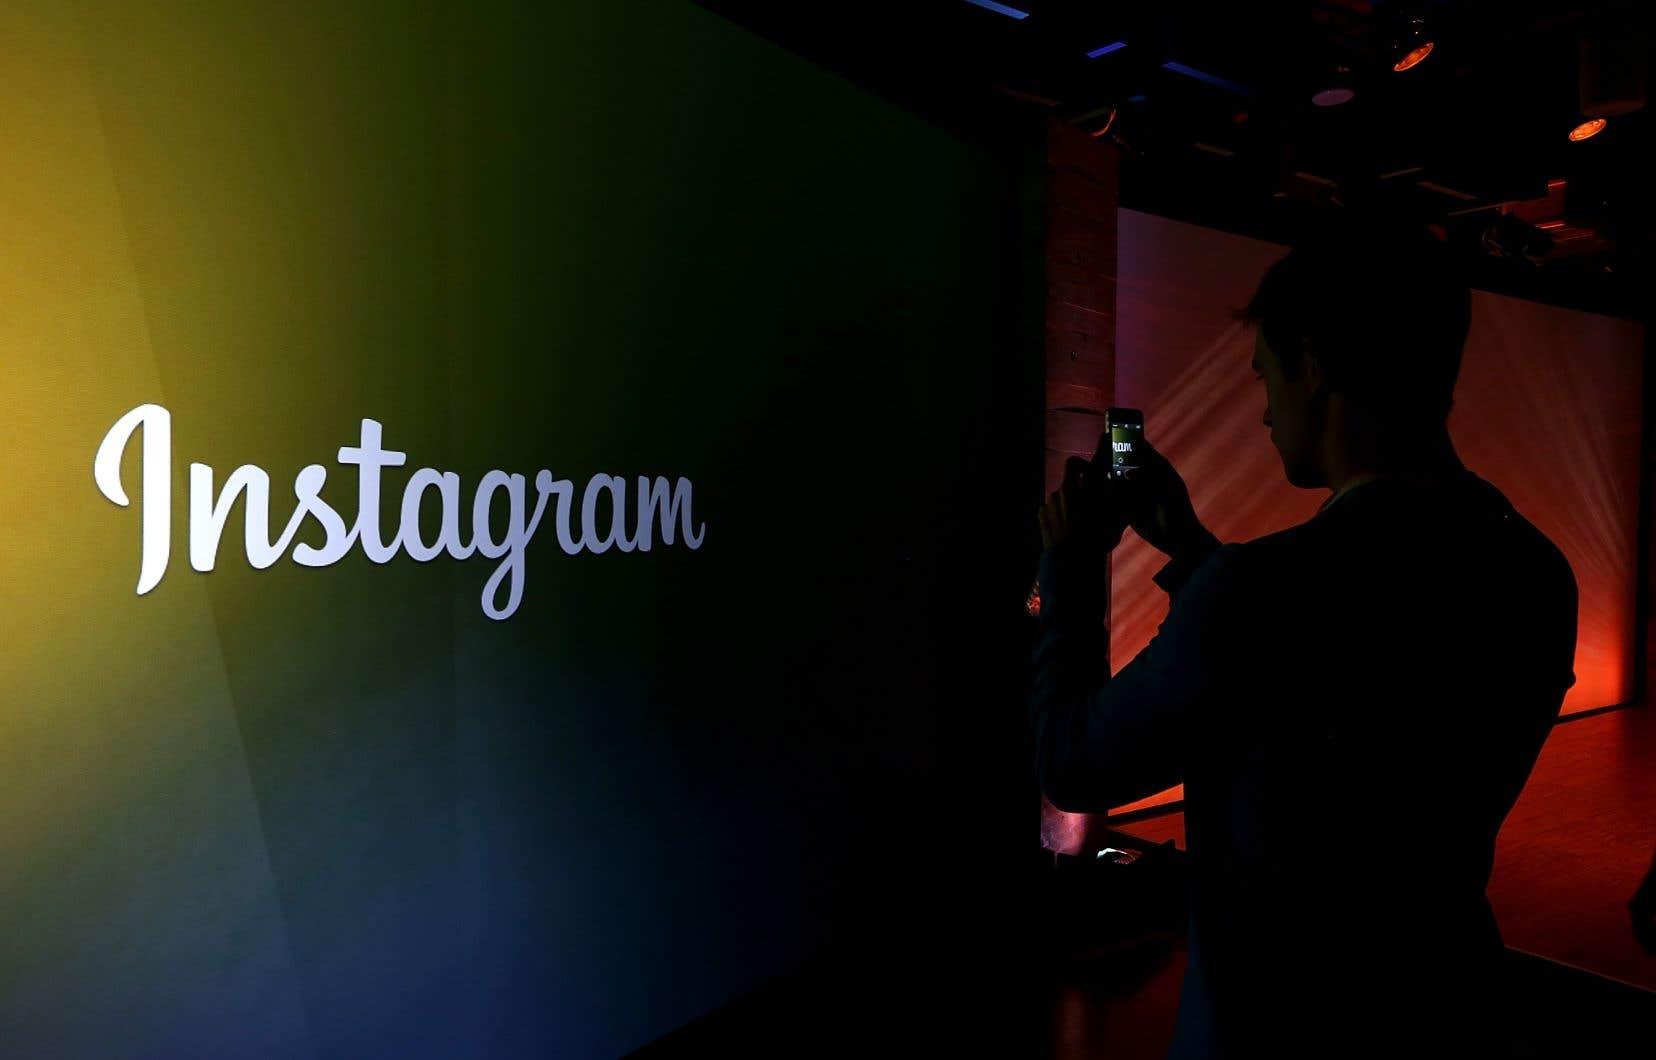 À la suite de l'annonce de Facebook et d'Instagram, un porte-parole de Twitter Canada a admis que l'entreprise n'imposait pas actuellement de taxes de vente sur la publicité.